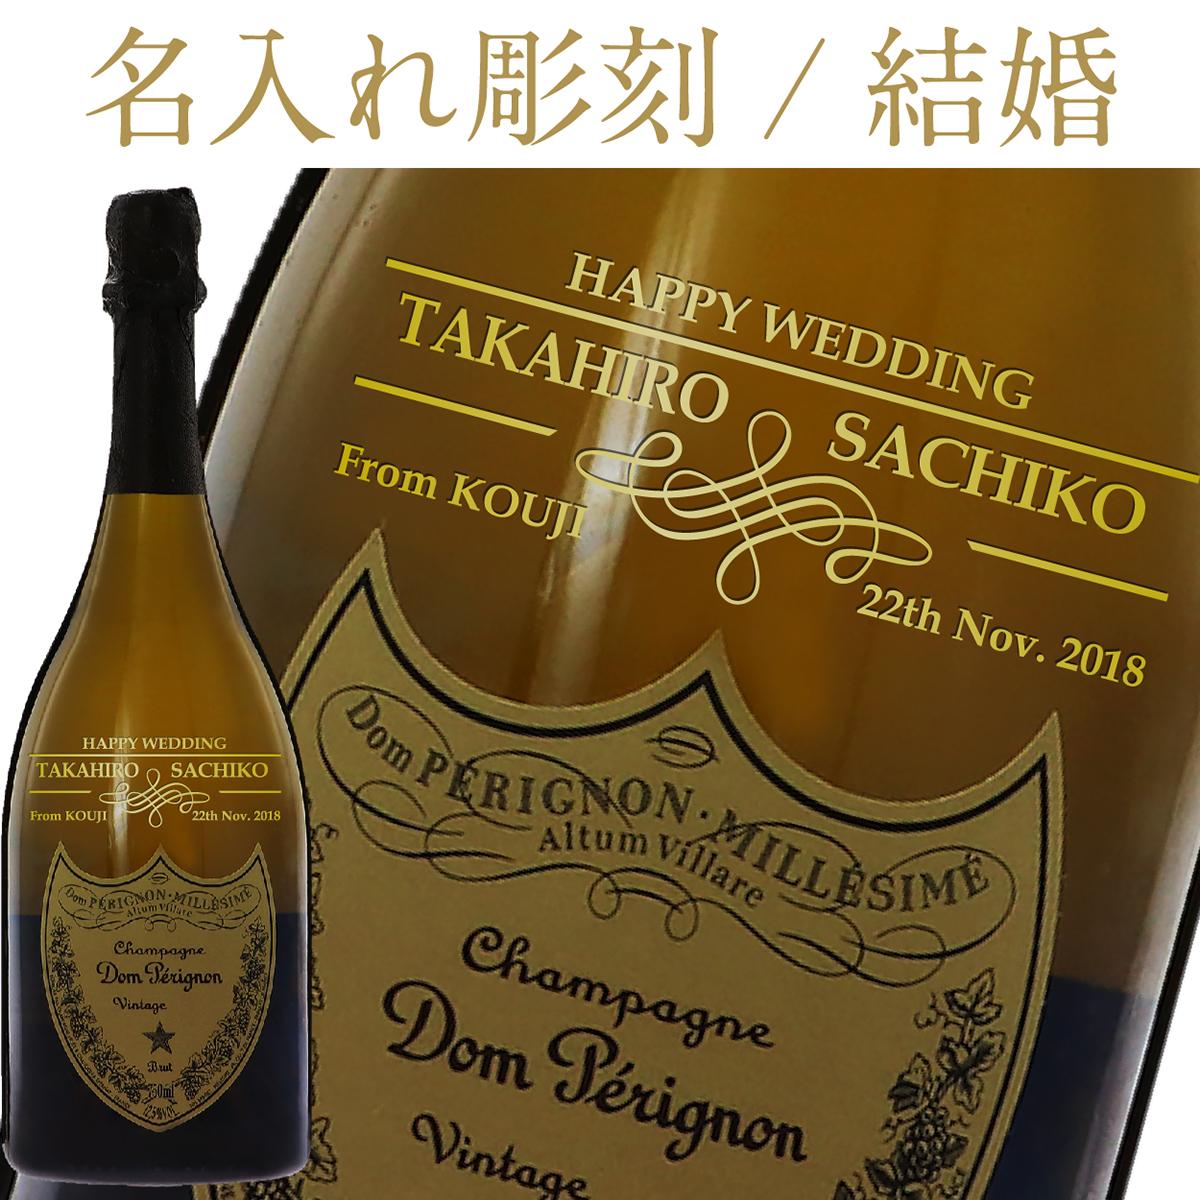 【彫刻】【送料無料】 名入れ ドンペリニヨン 白 2009 箱付 750ml 正規 シャンパン シャンパーニュ フランス ワンポイント 結婚 プレゼント ギフト ラッピング無料